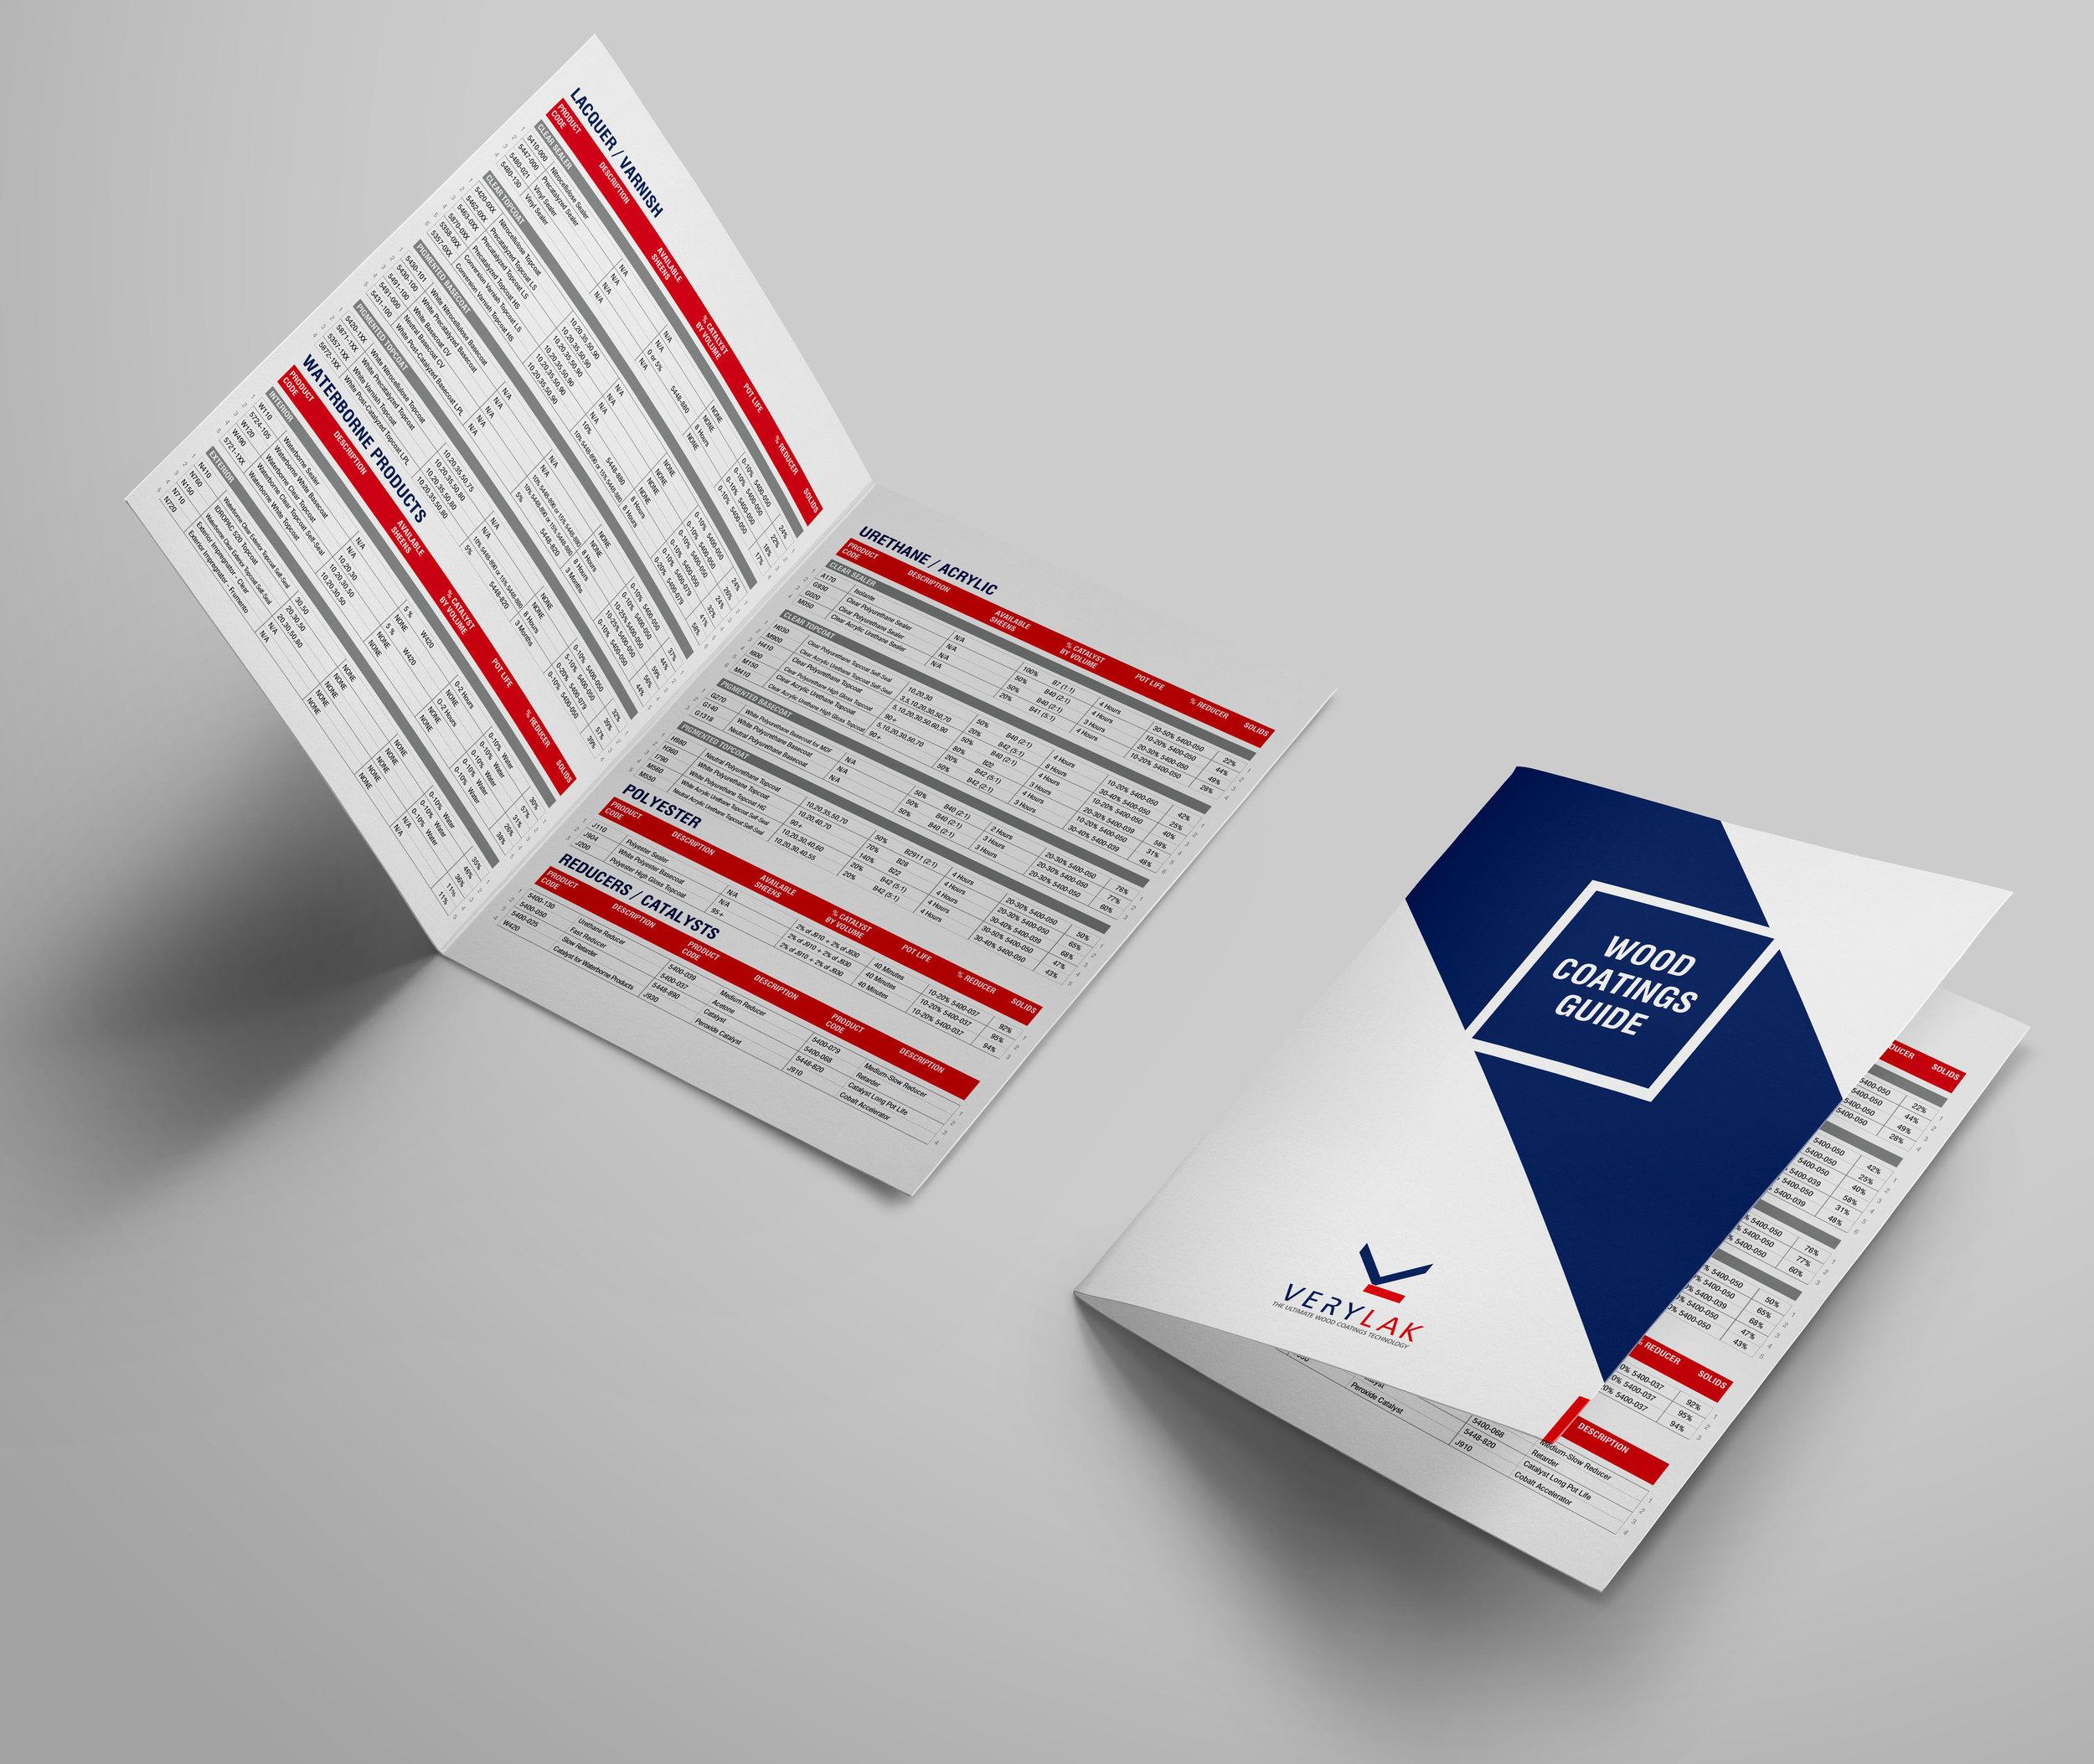 Presentation_Folder_Mockup_Verylak-v2_2.jpg